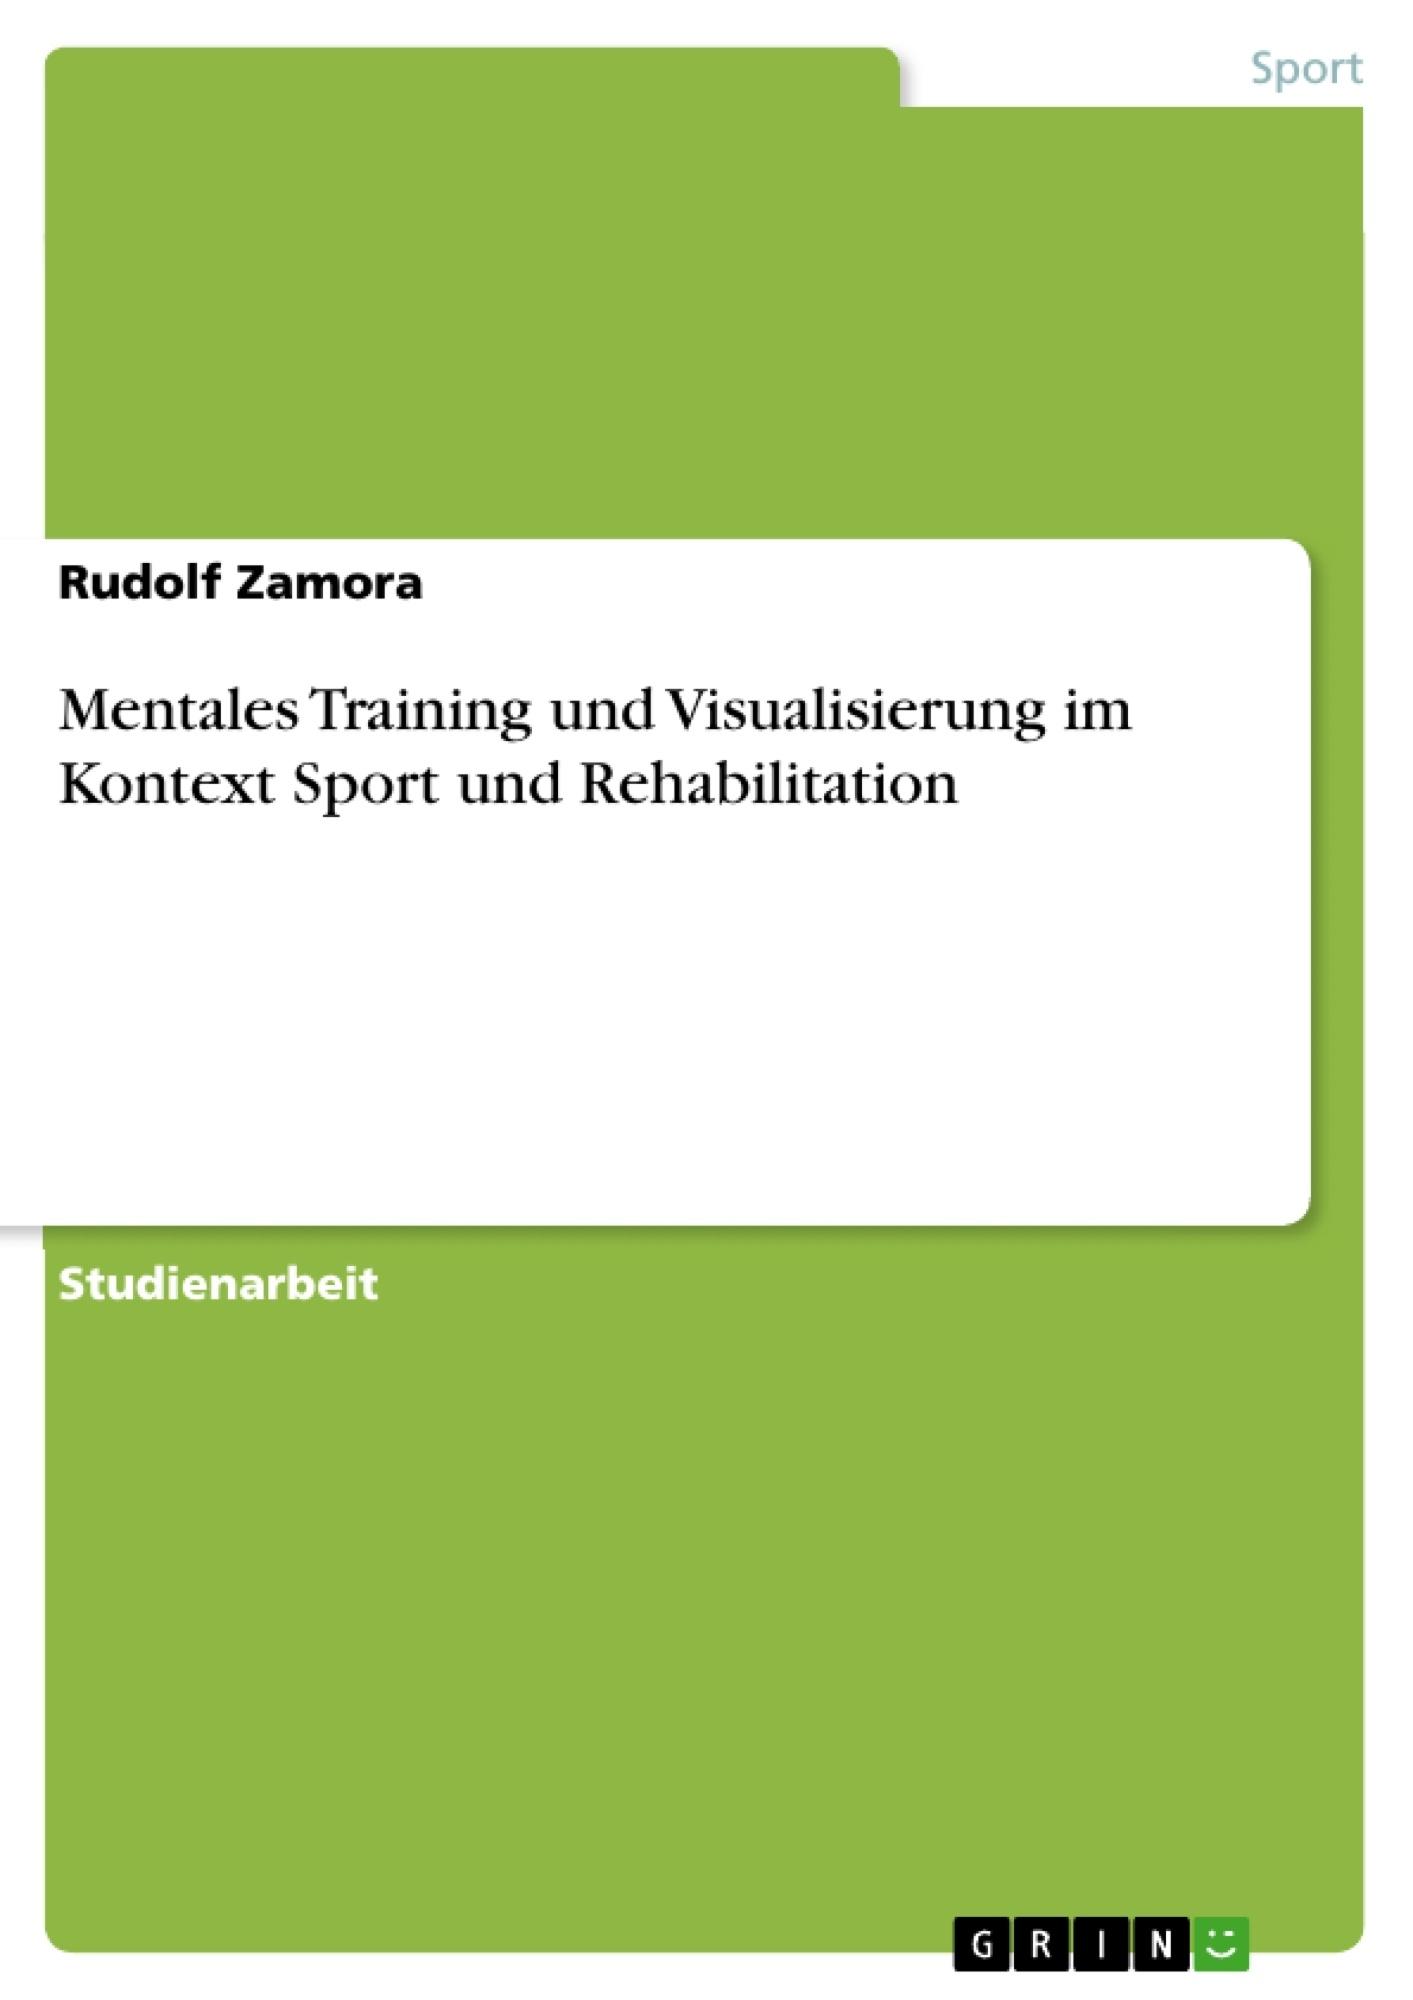 Titel: Mentales Training und Visualisierung im Kontext Sport und Rehabilitation